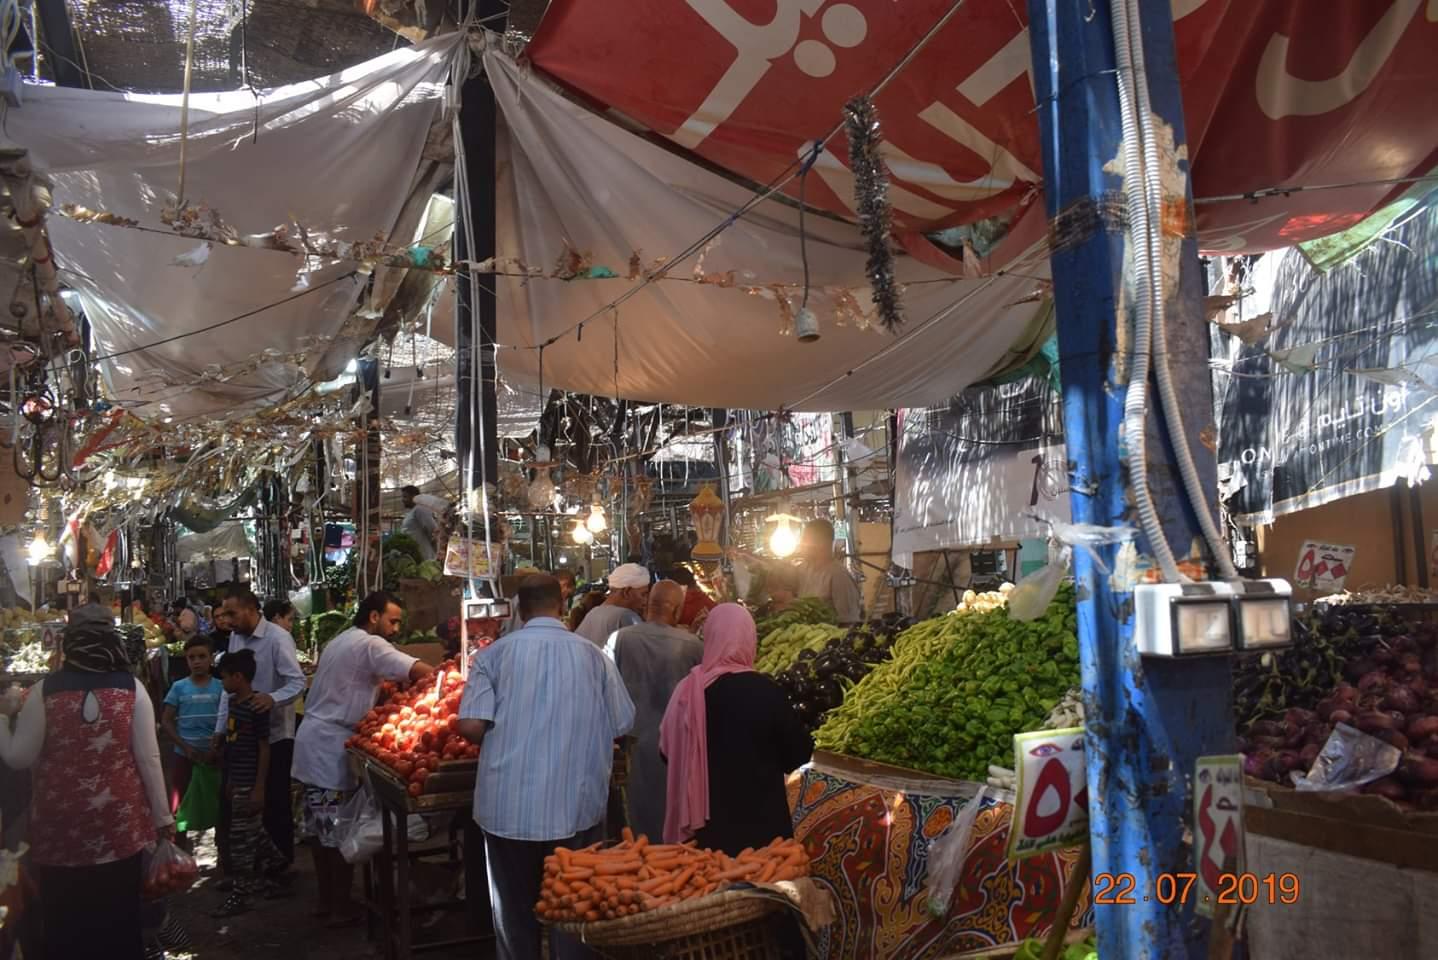 الوفود السياحية تزور سوق الخضار بالغردقة (3)